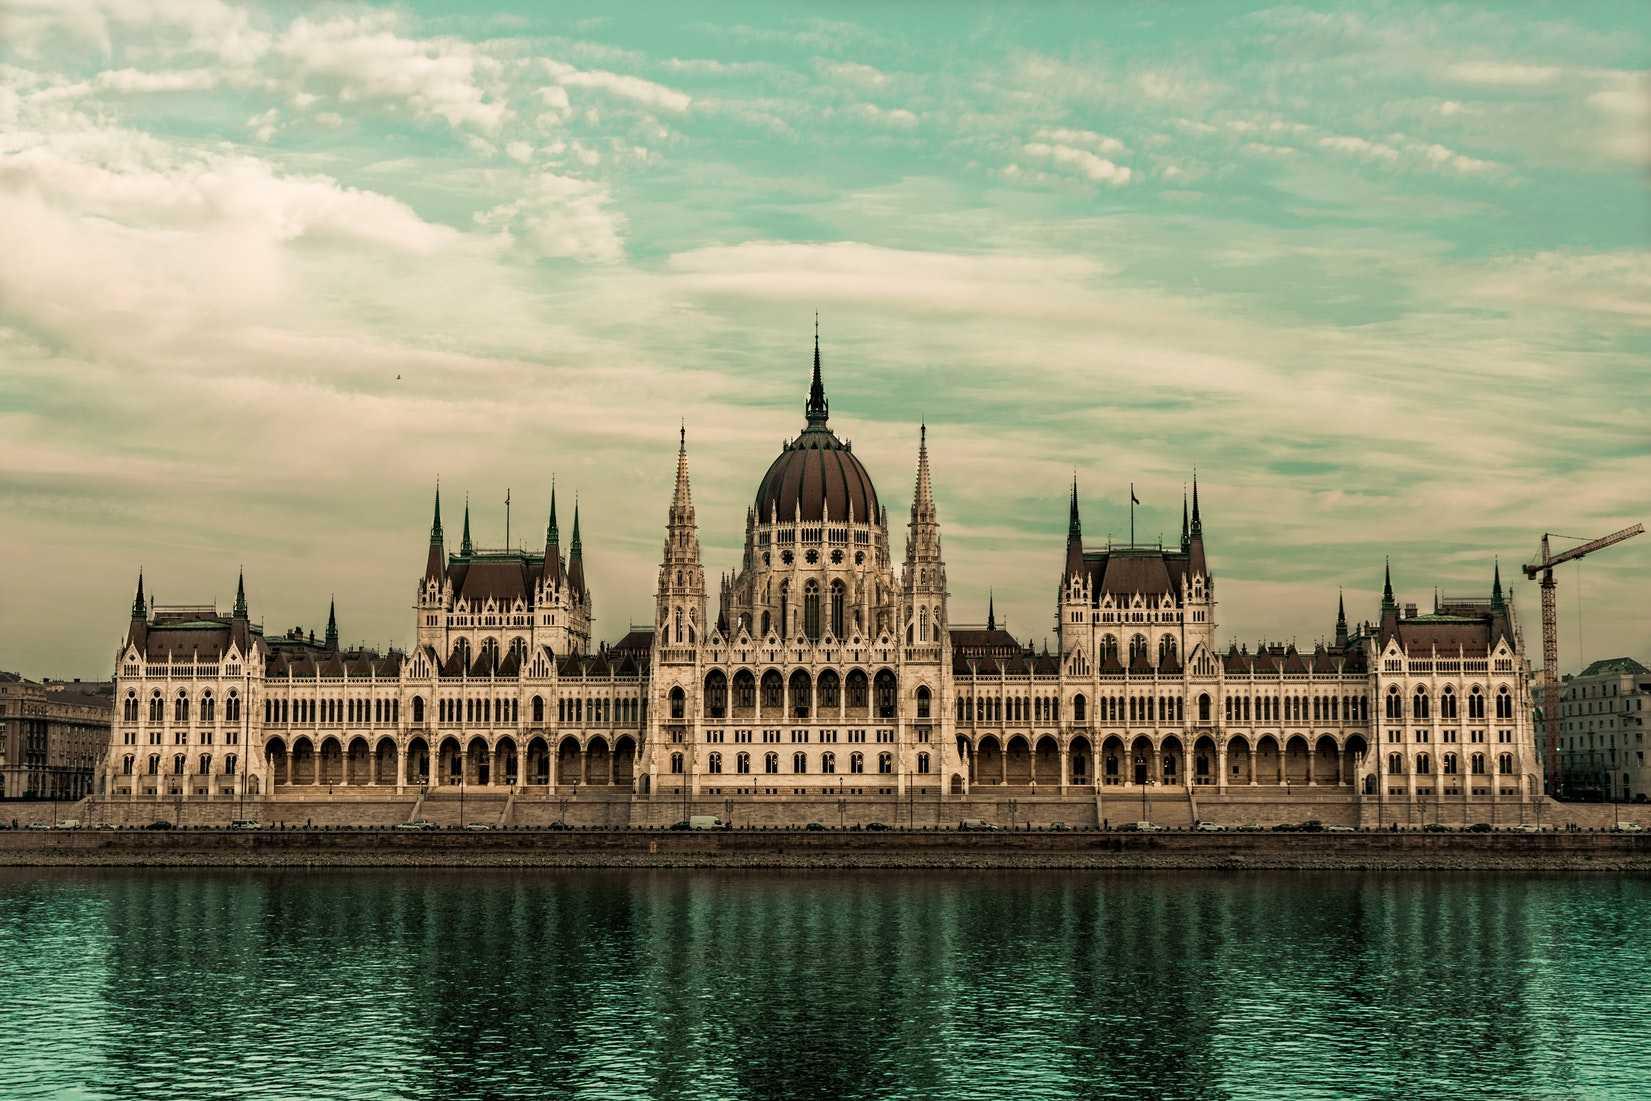 تور سفر به بوداپست با نهال گشت